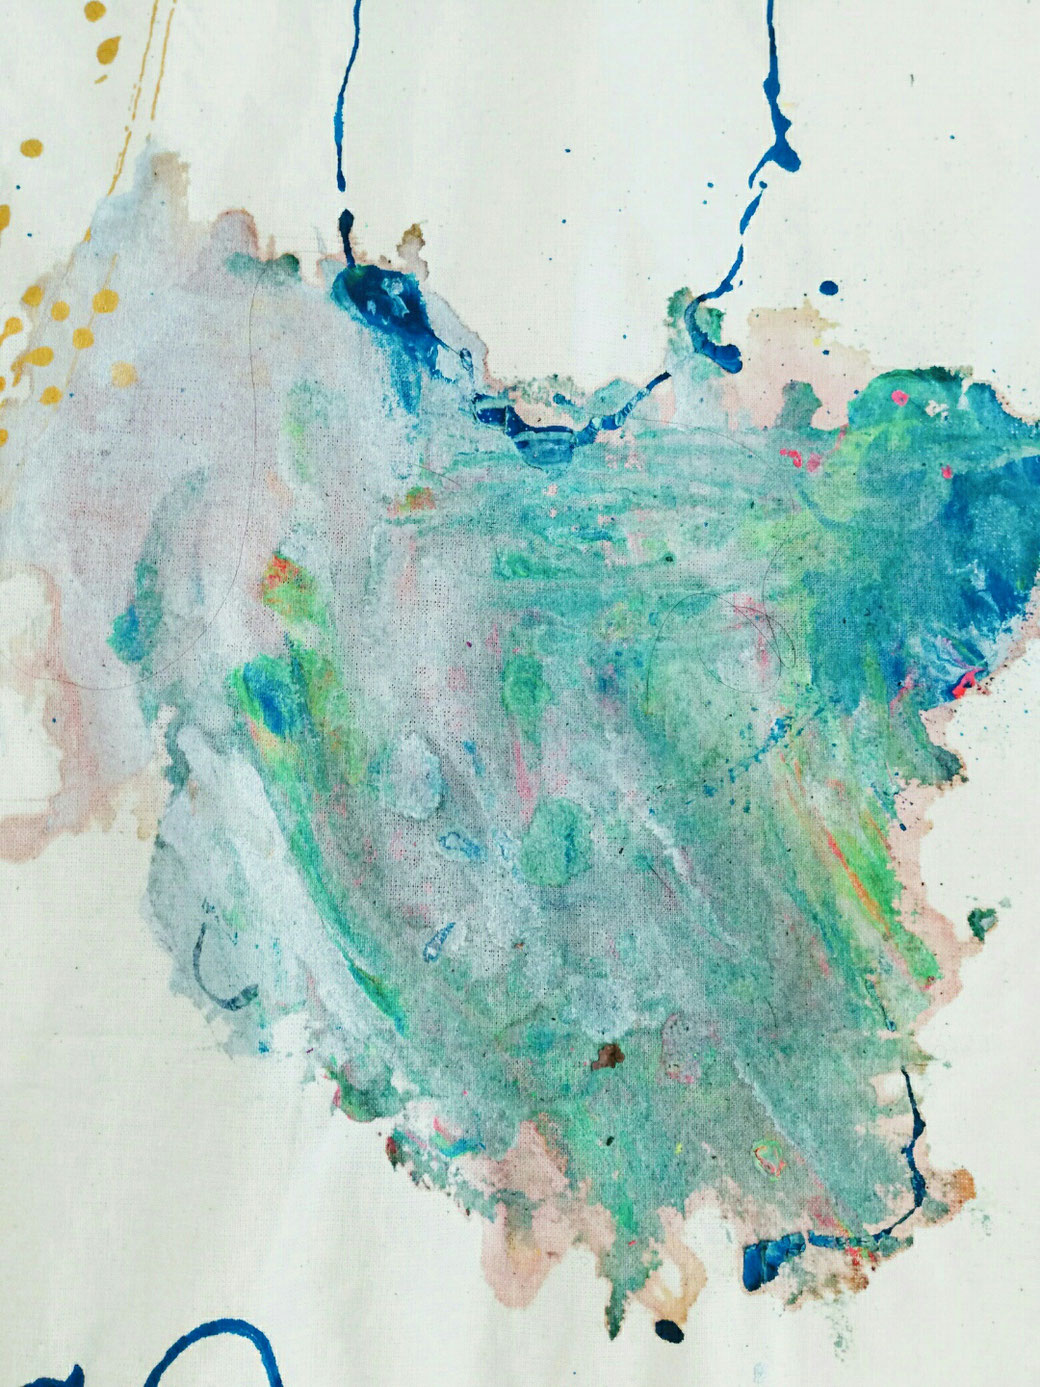 D.I.Y. Kunst Geschichten fürs Kinderzimmer, Stoffmalerei, Wandbehang, Wandbild, Gästebuch,Bilderbuch aus Stoff, mit Kindern malen